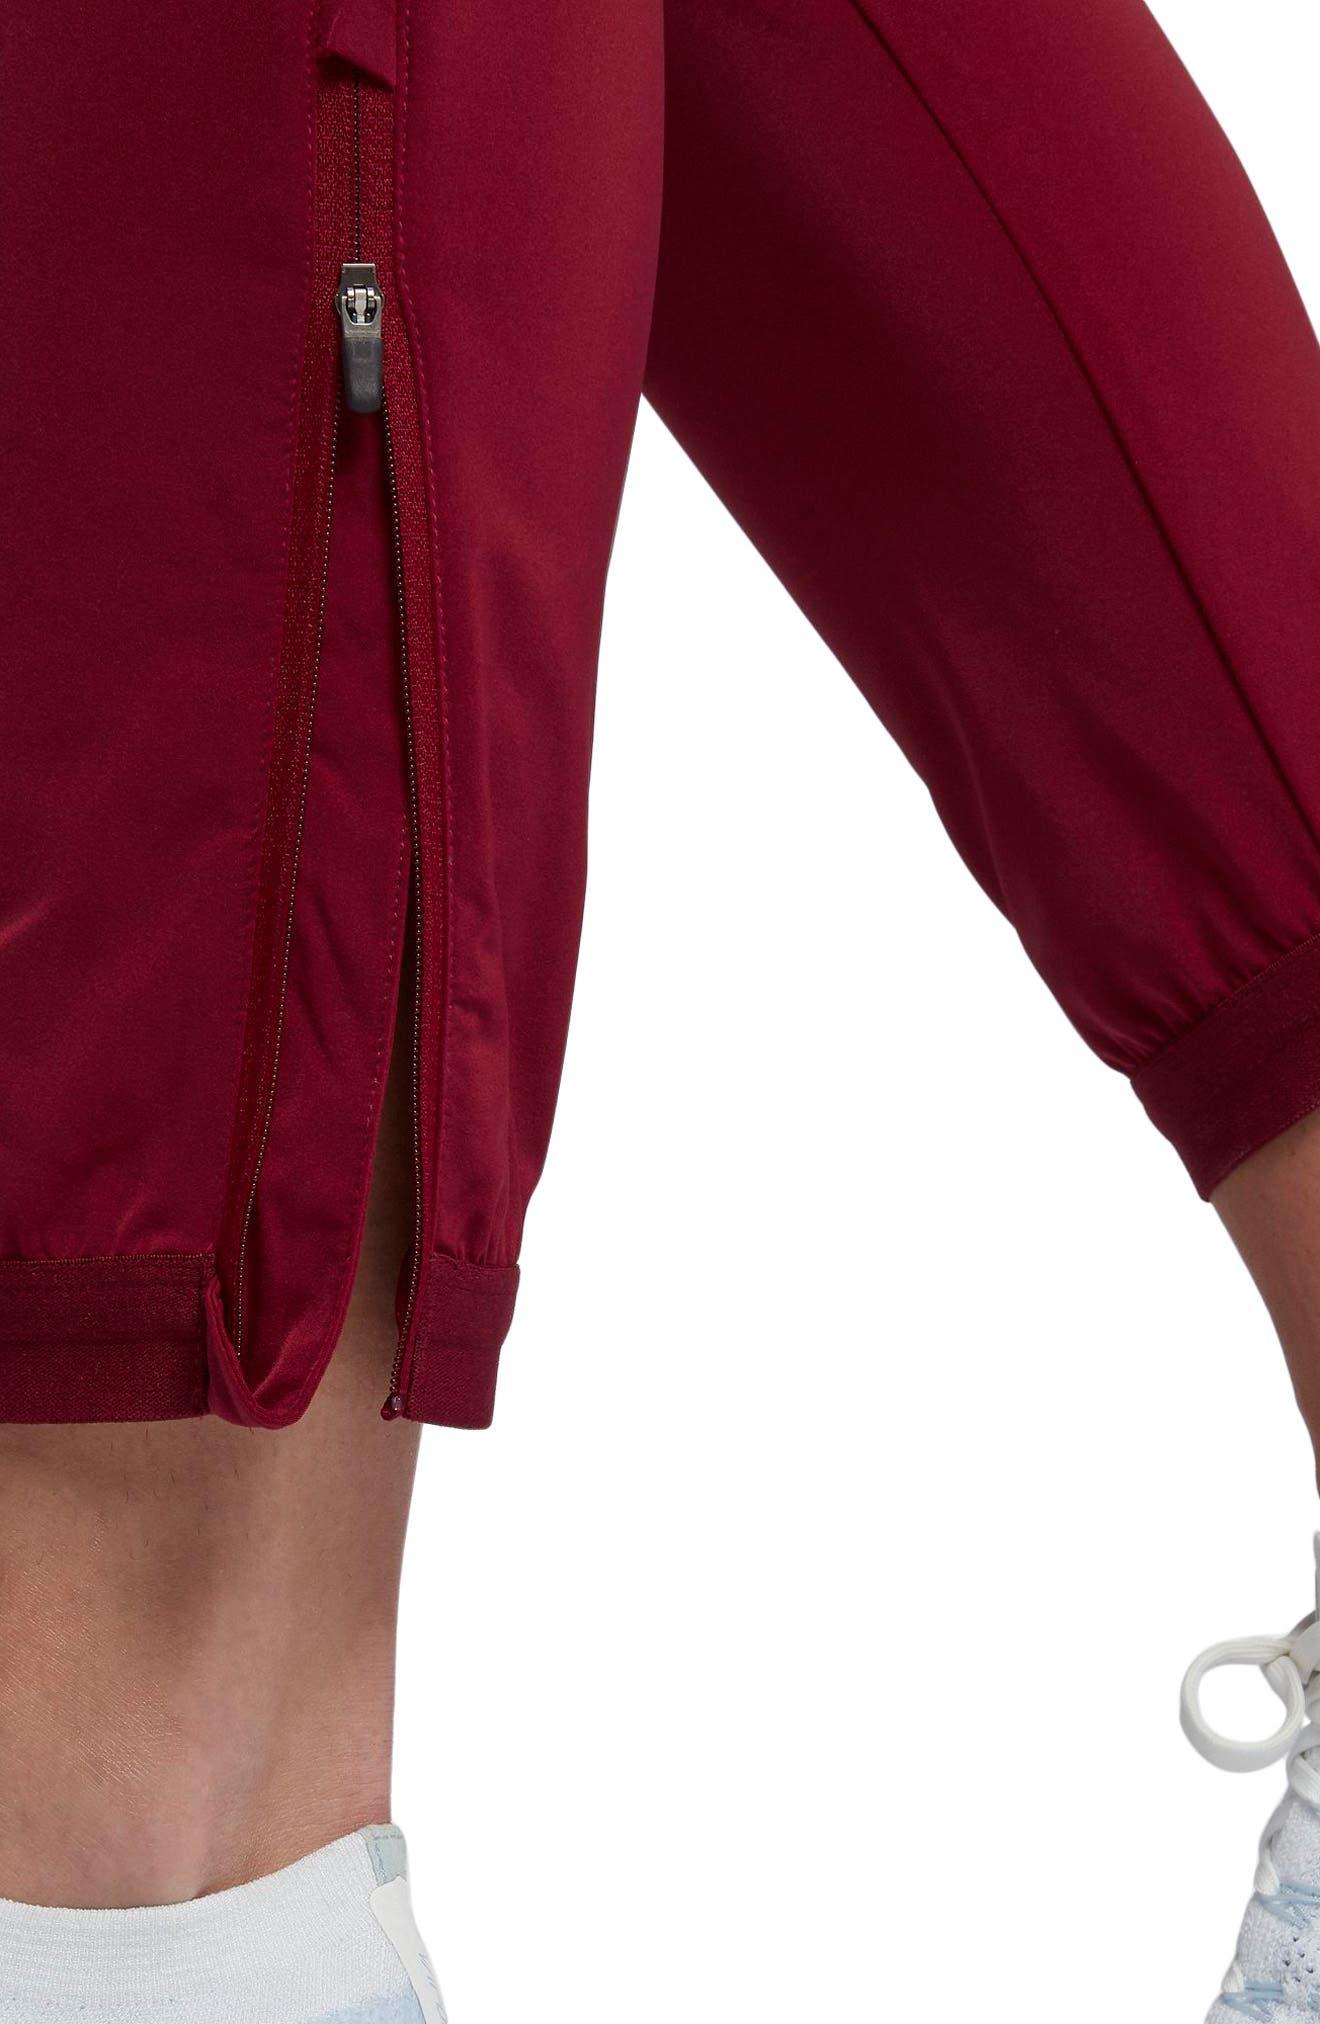 Women's Dry Running Stadium Pants,                             Alternate thumbnail 4, color,                             600